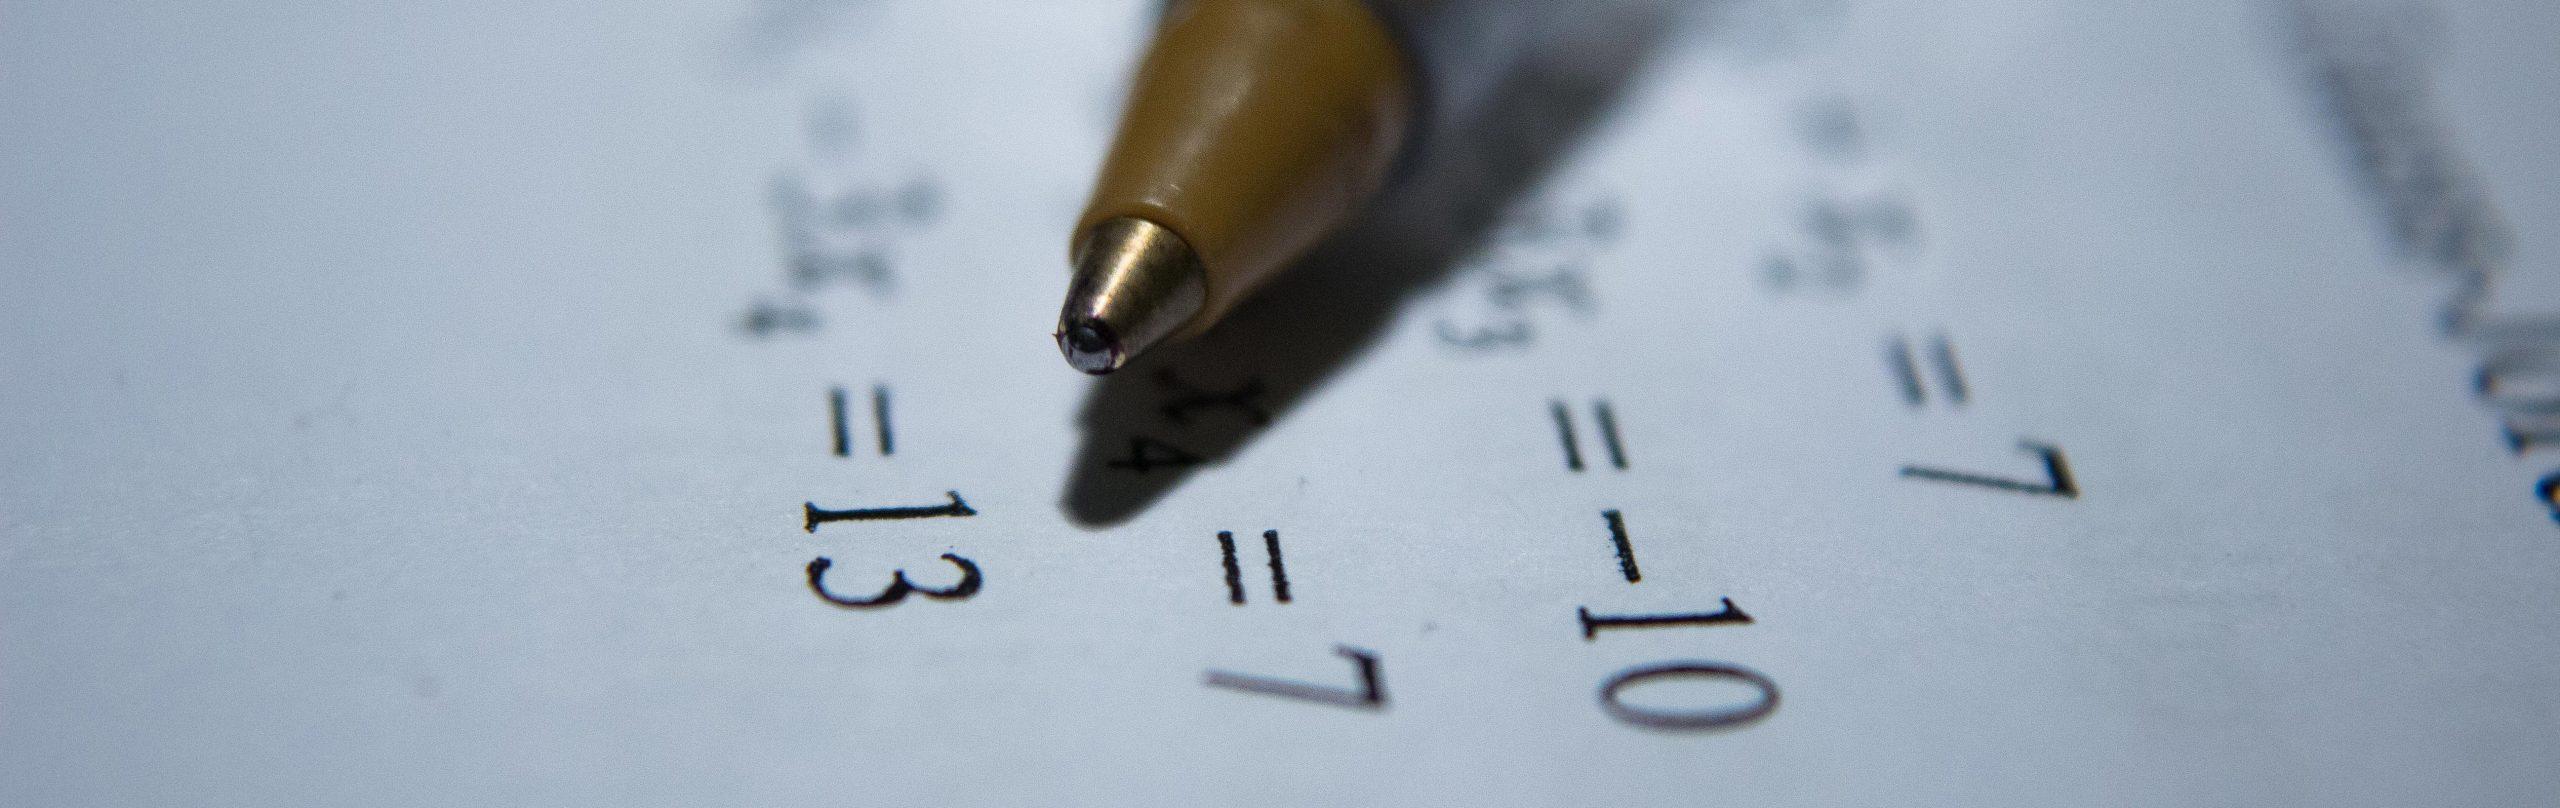 Matematiikkaleiri – aiheena matemaattinen mallinnus